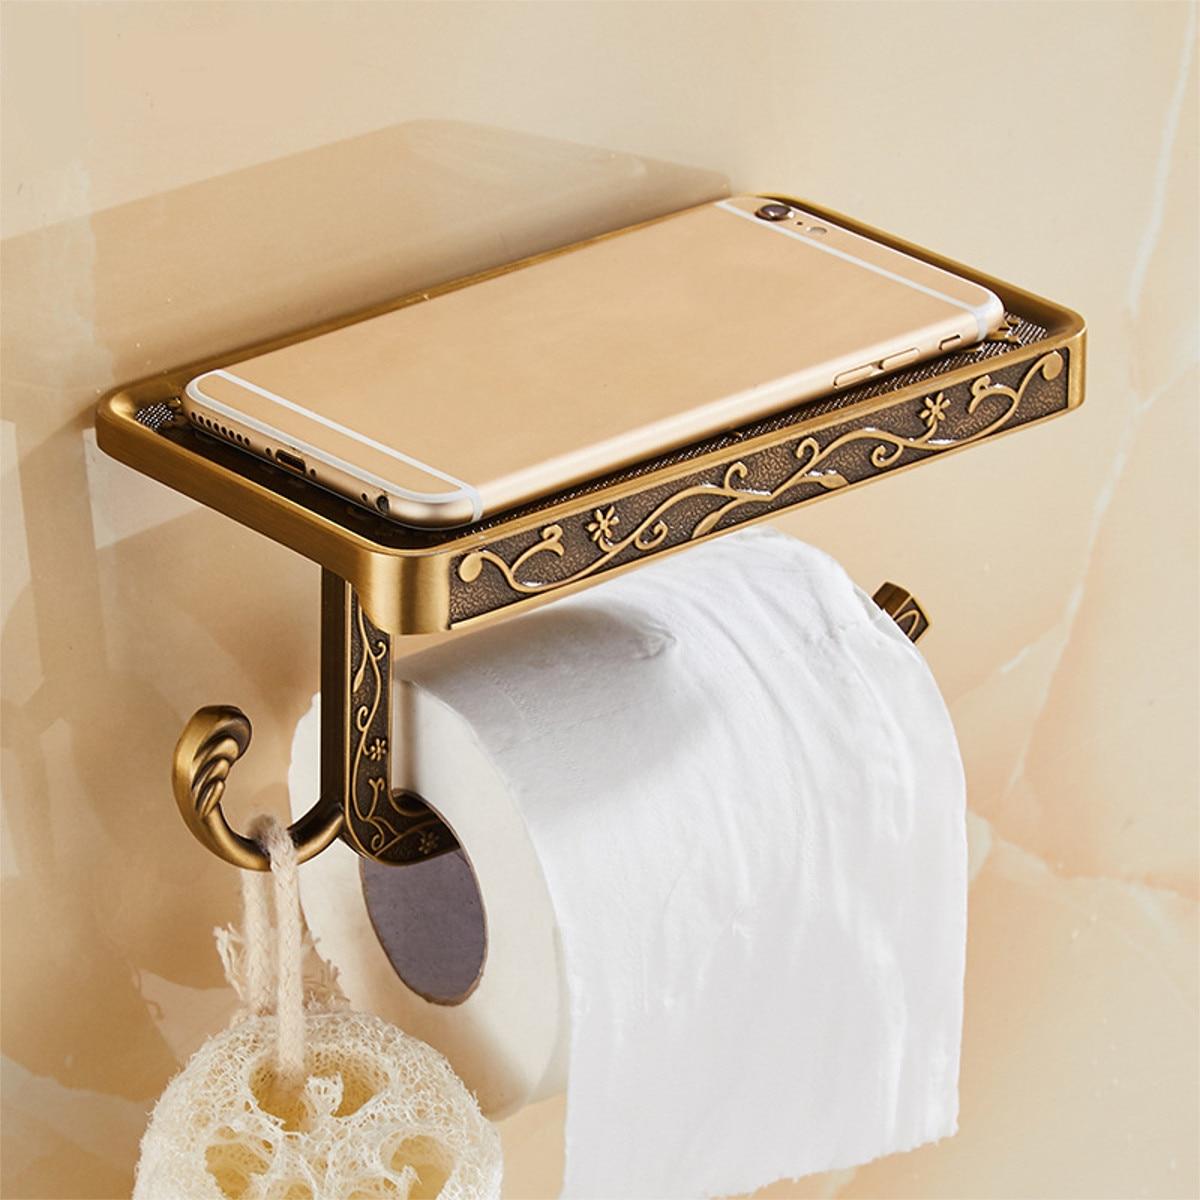 Antike Geschnitzte Zink-legierung Bad Papier Handy Halter Mit Regal Bad Handtuch Rack Wc Papier Halter Tissue Boxen